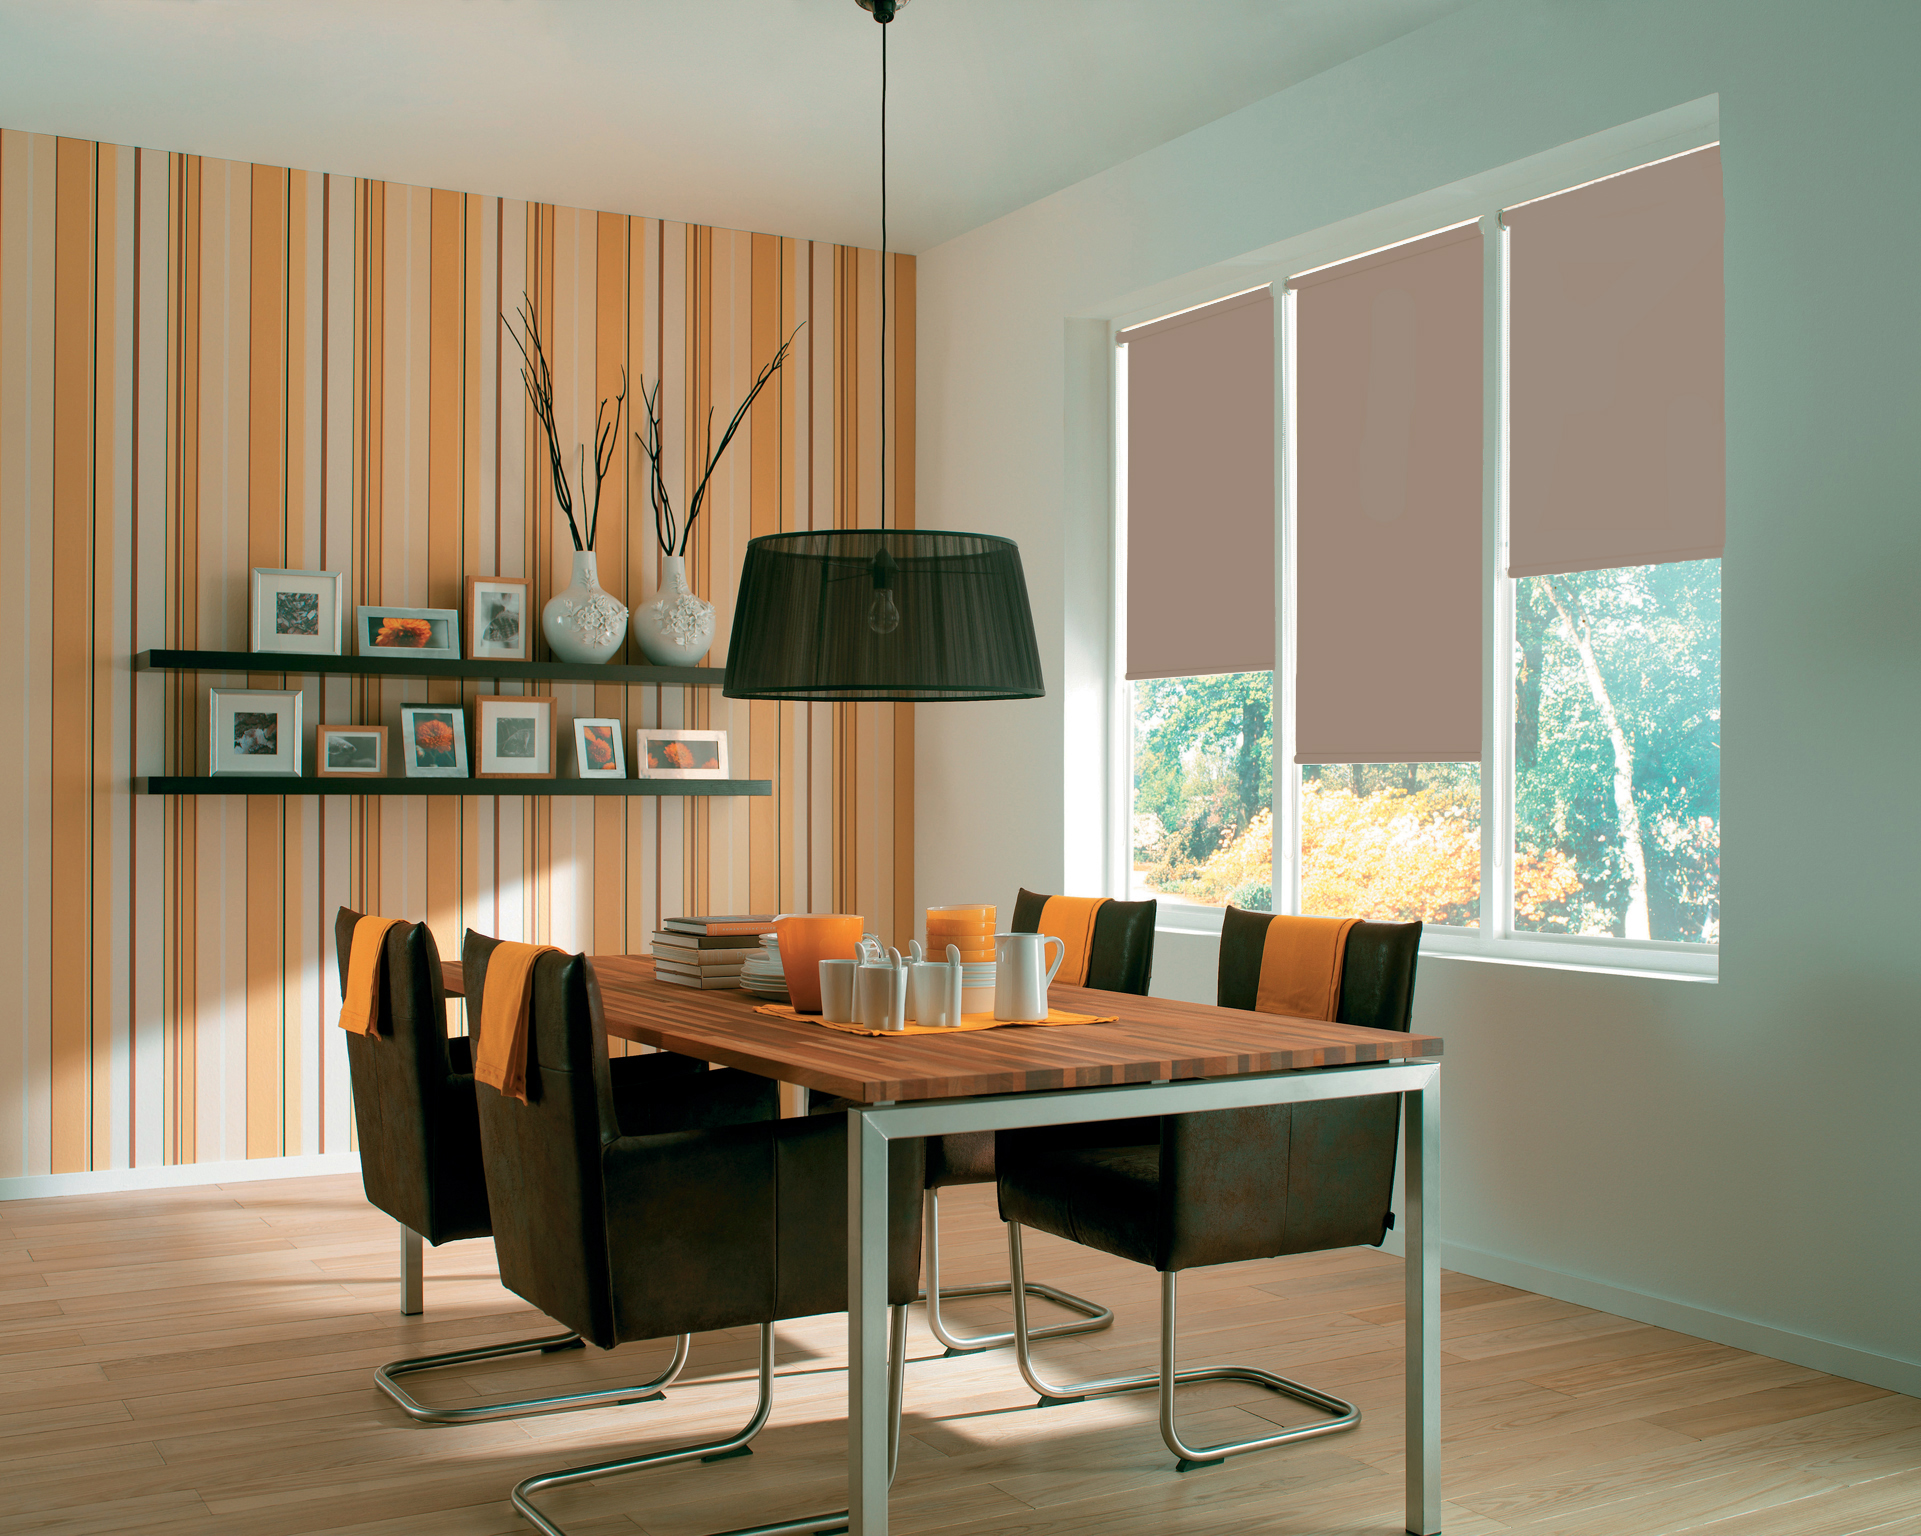 Window Blinds Milton Keynes Spectrum Truffle Roller Blinds in a kitchen